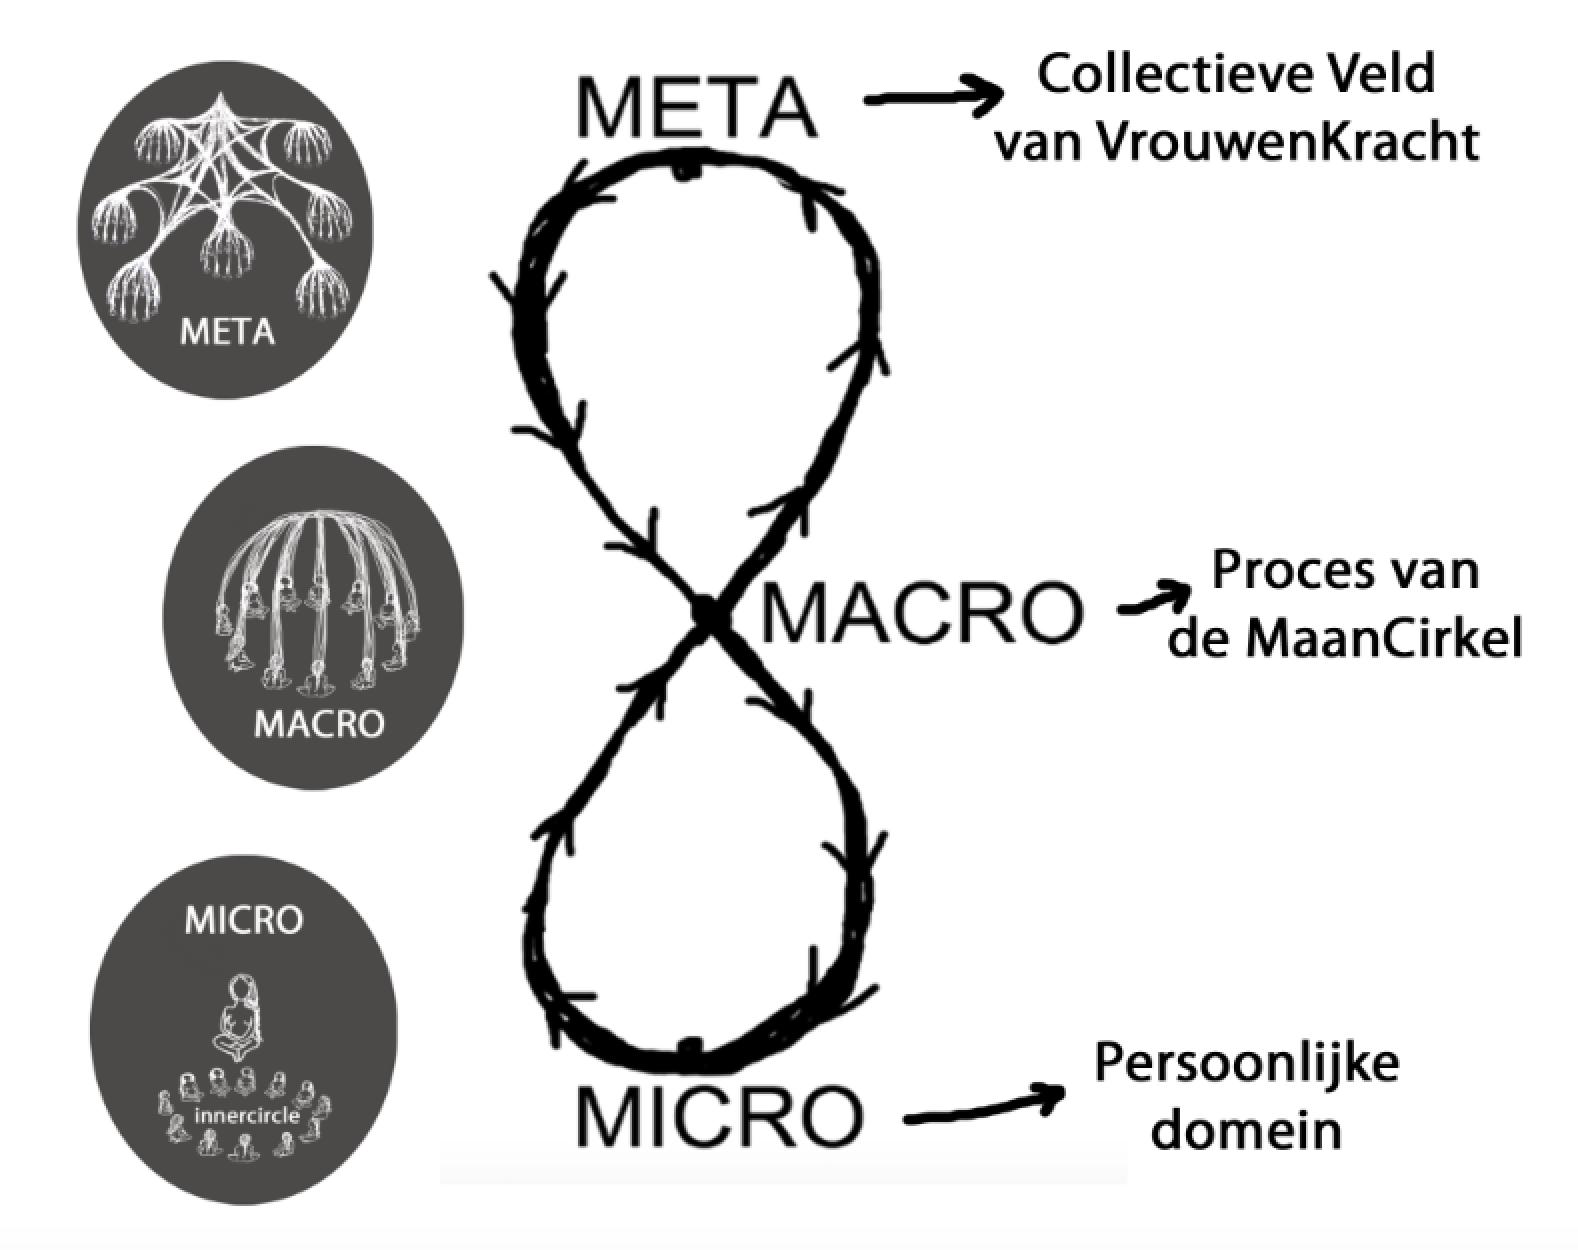 Micro, Macro & Meta